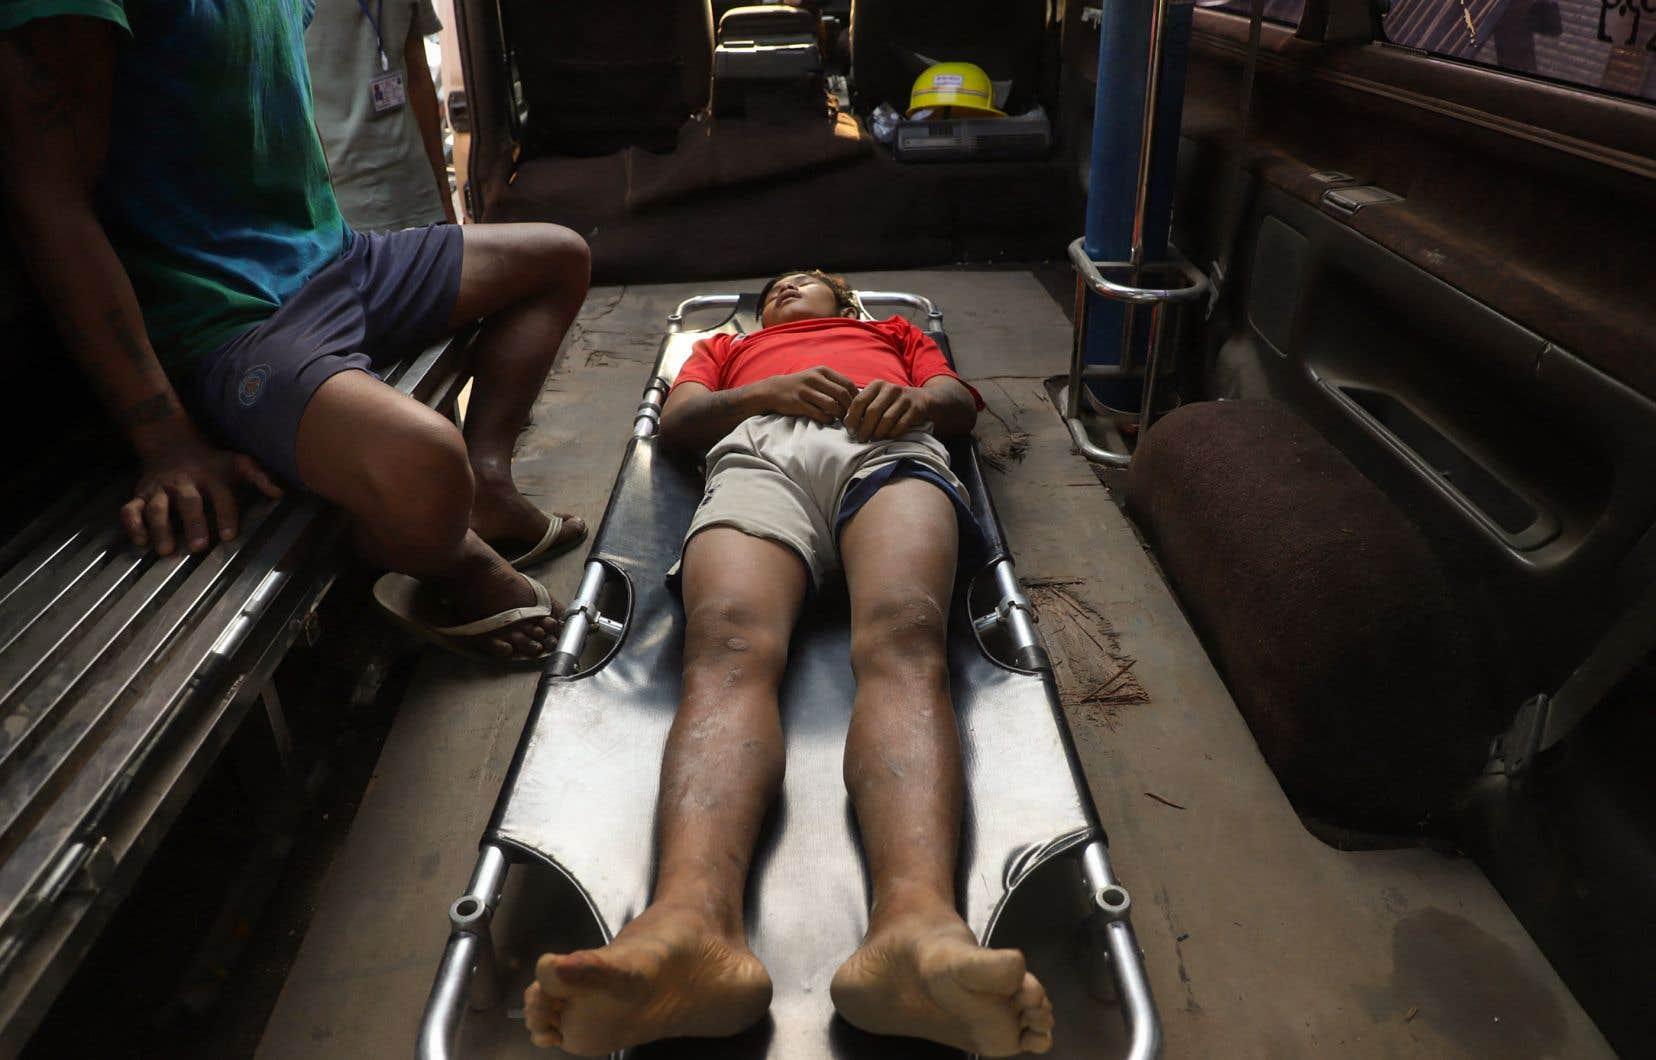 Au moins 614 civils ont été tués par les forces de sécurité lors des manifestations, selon l'Association d'assistance aux prisonniers politiques (AAPP).Mais le bilan pourrait être plus lourd.